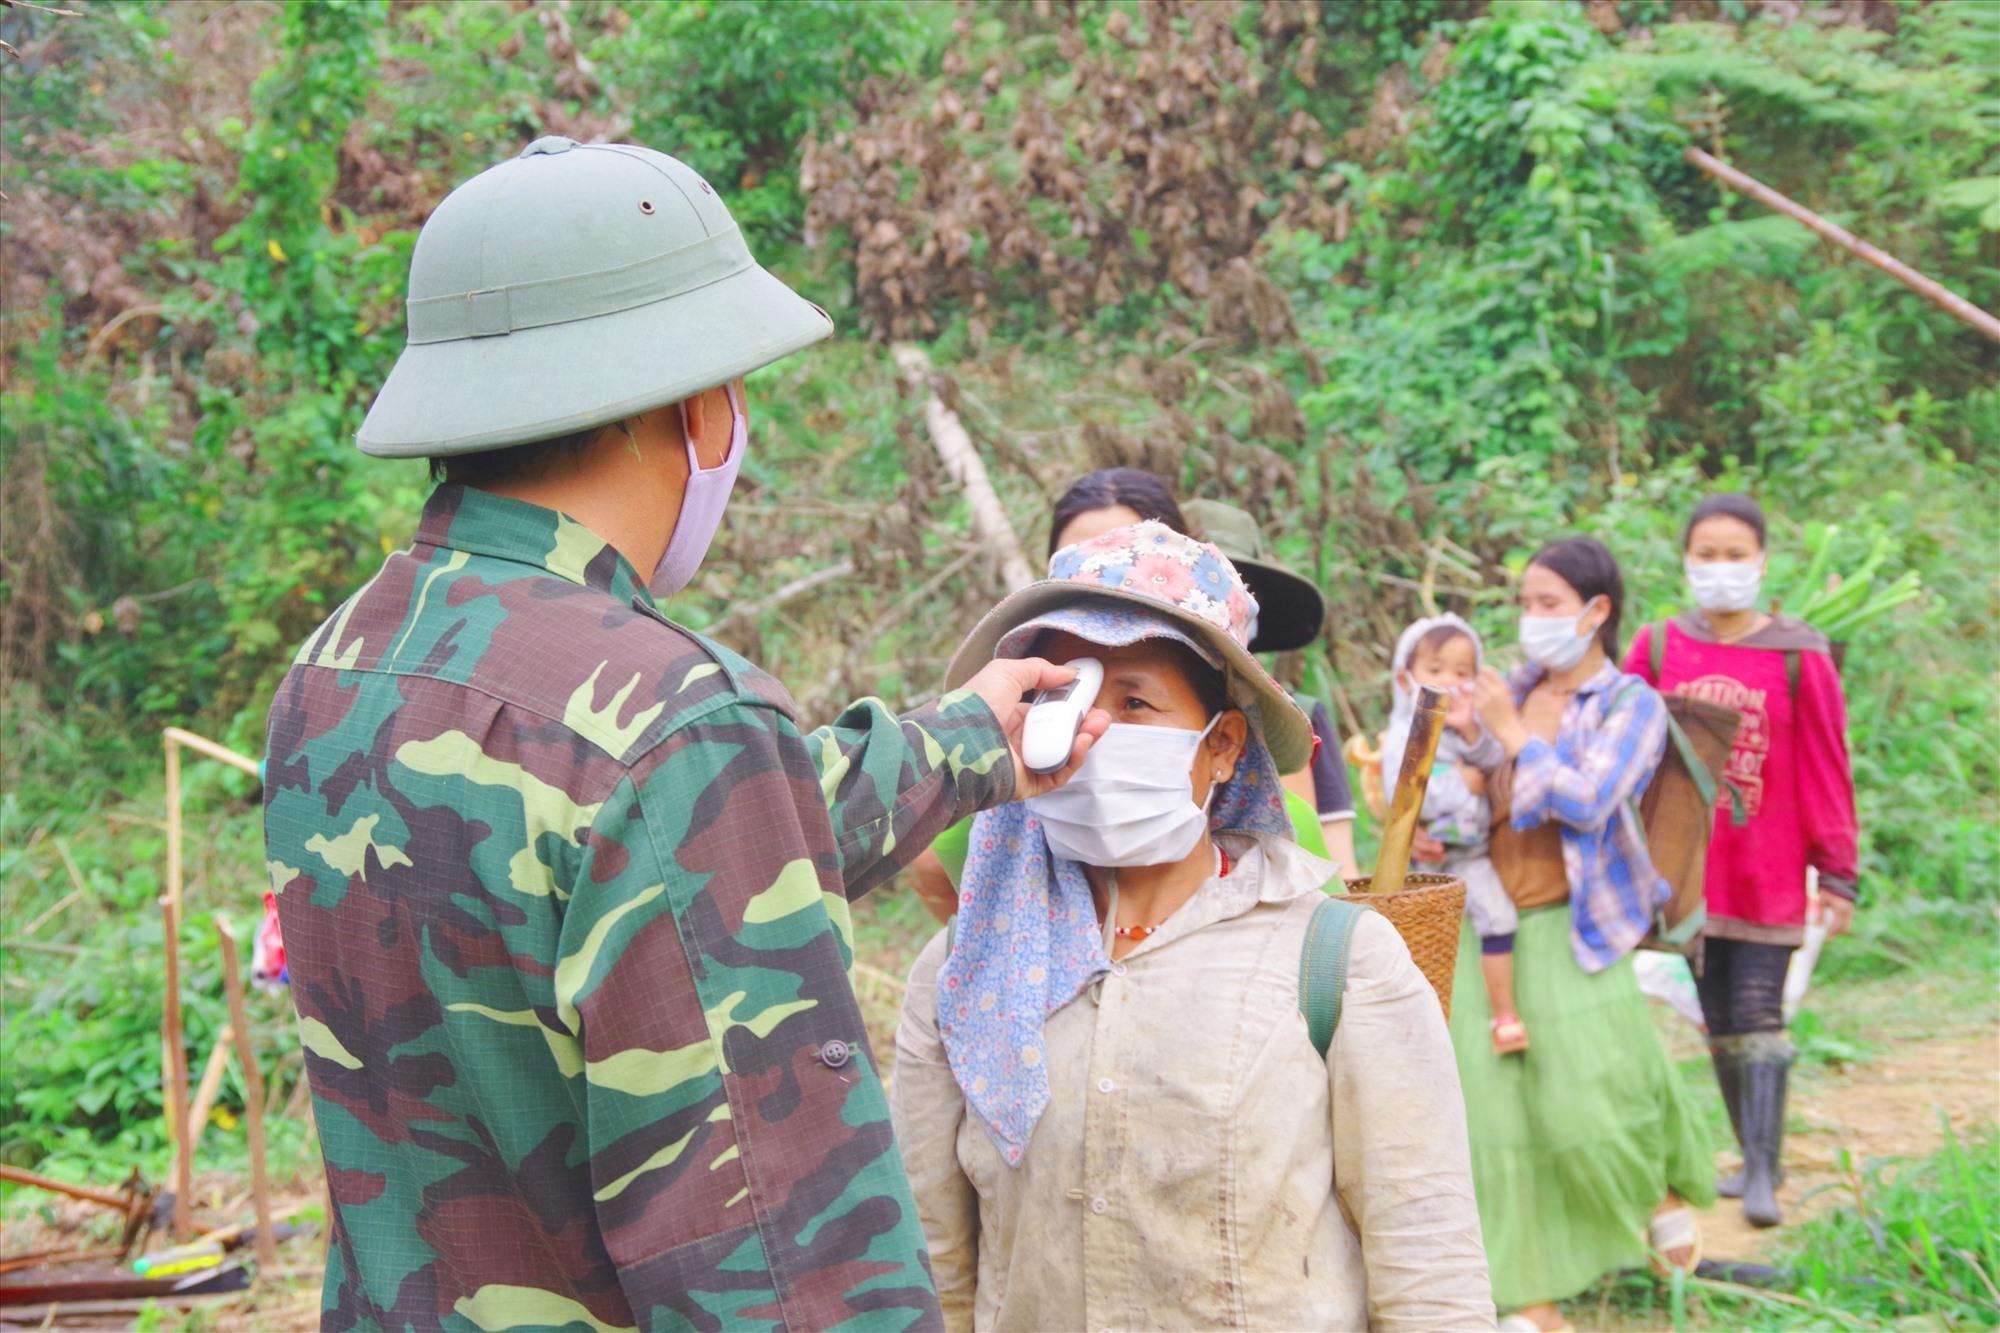 Đồn Biên phòng Ga Ry (Tây Giang) kiểm soát người dân qua lại khu vực biên giới. Ảnh: HỒNG ANH